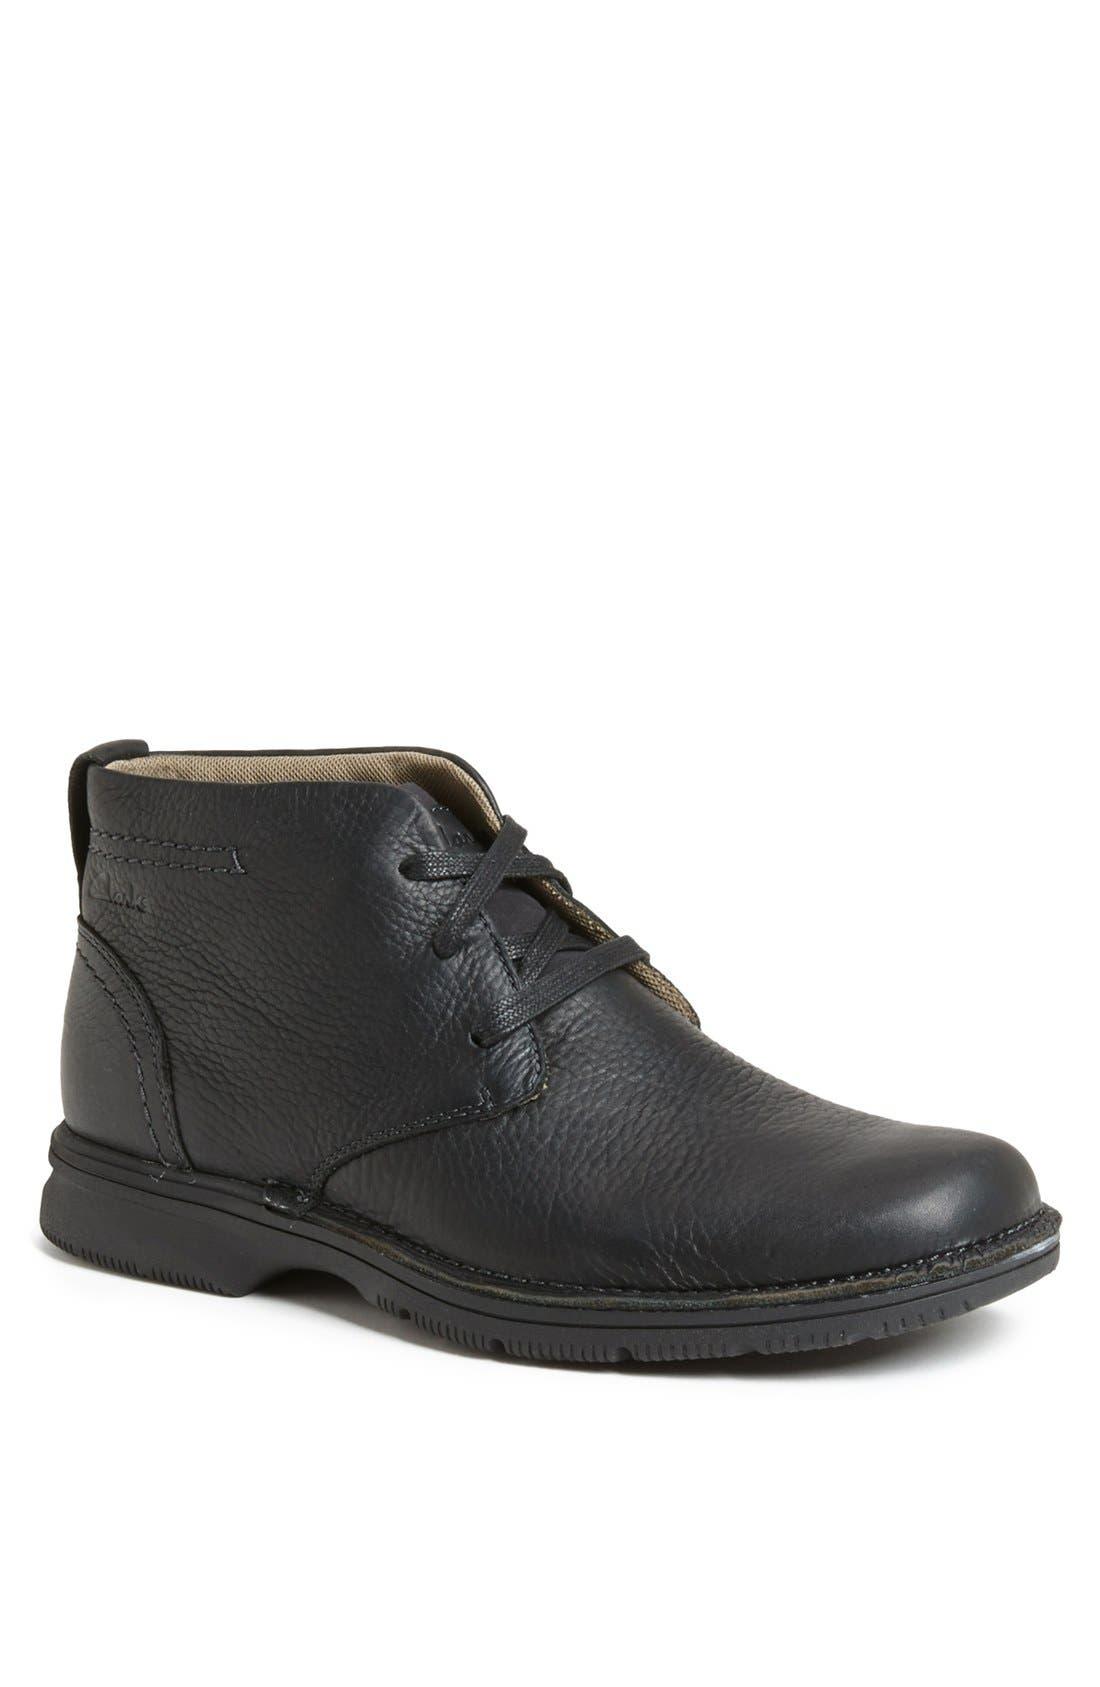 Alternate Image 1 Selected - Clarks® 'Senner Ave' Chukka Boot   (Men)